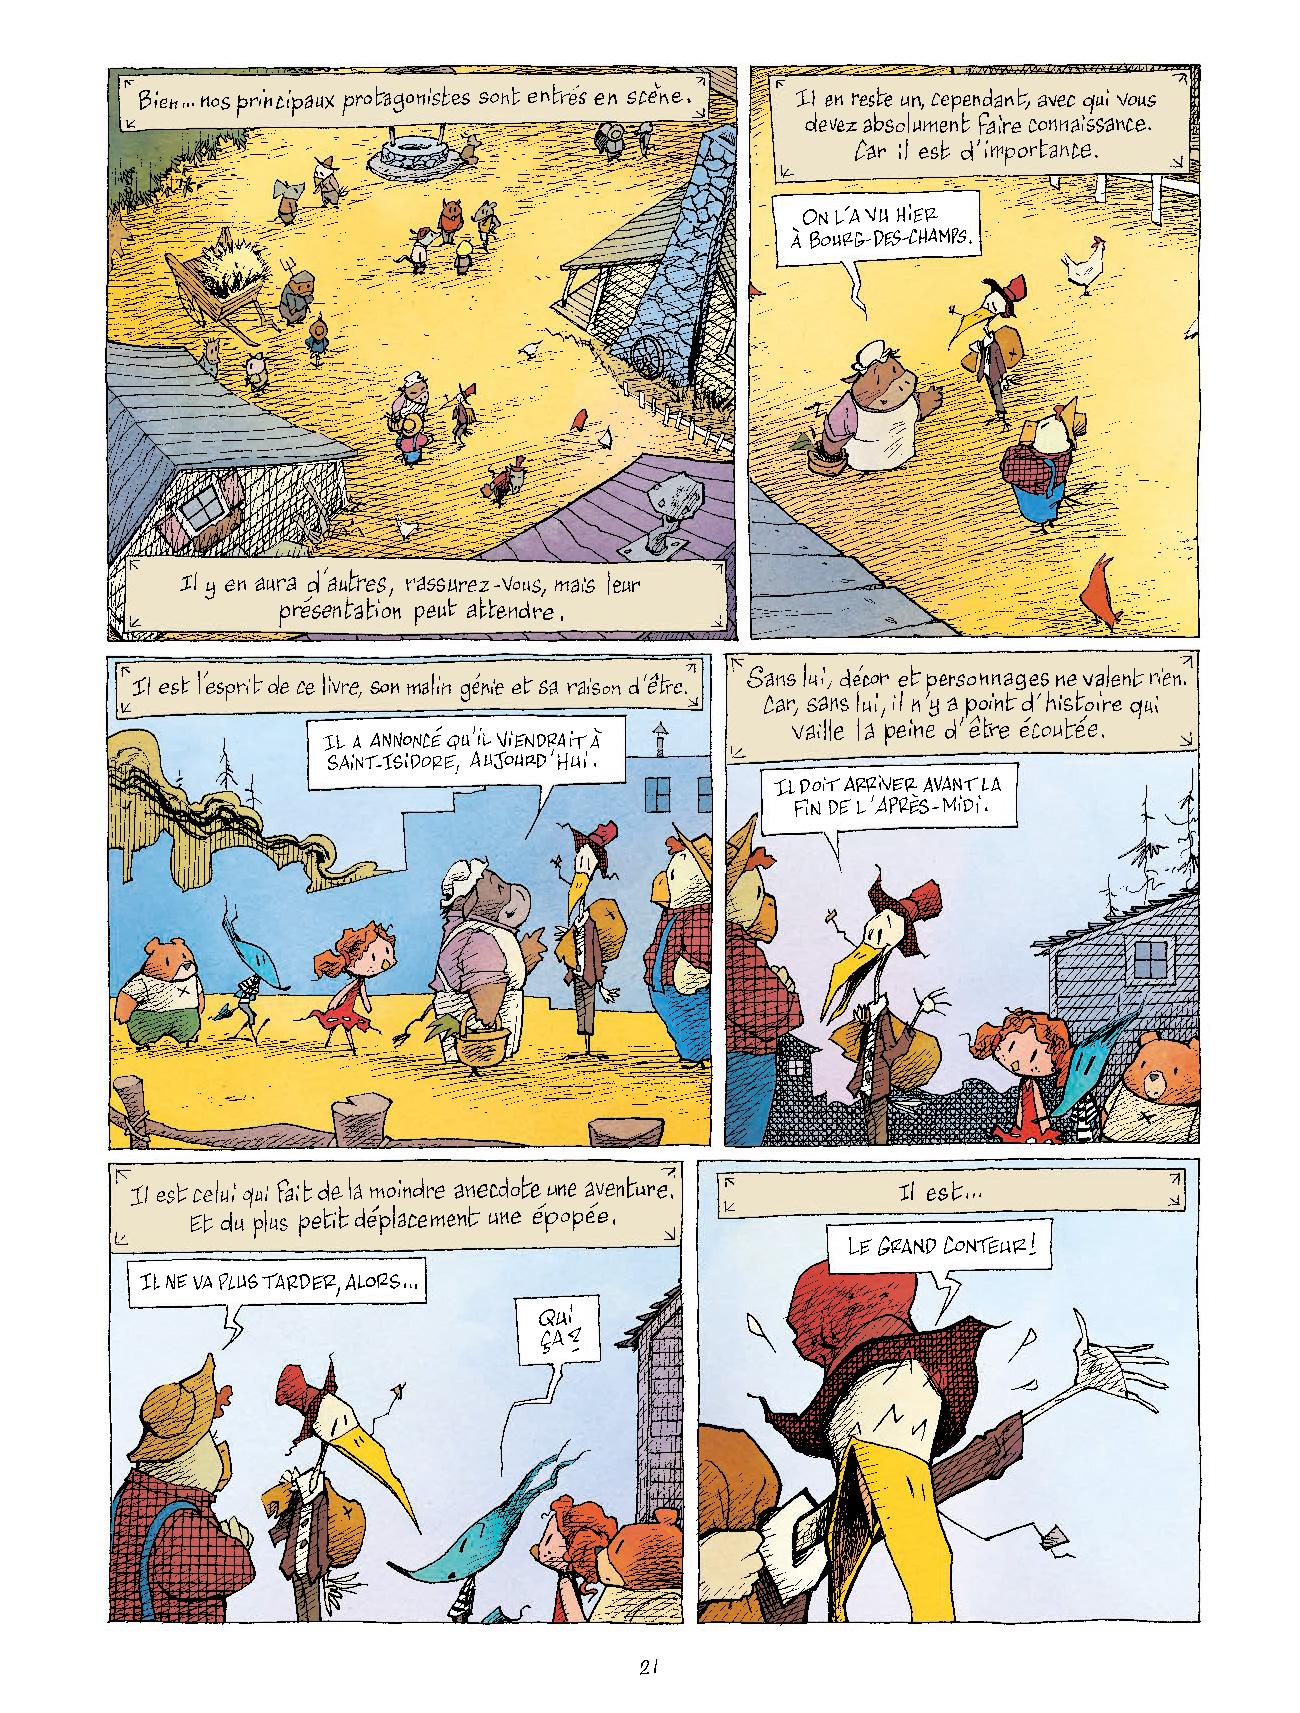 Extrait n°21 par Régis Hautière